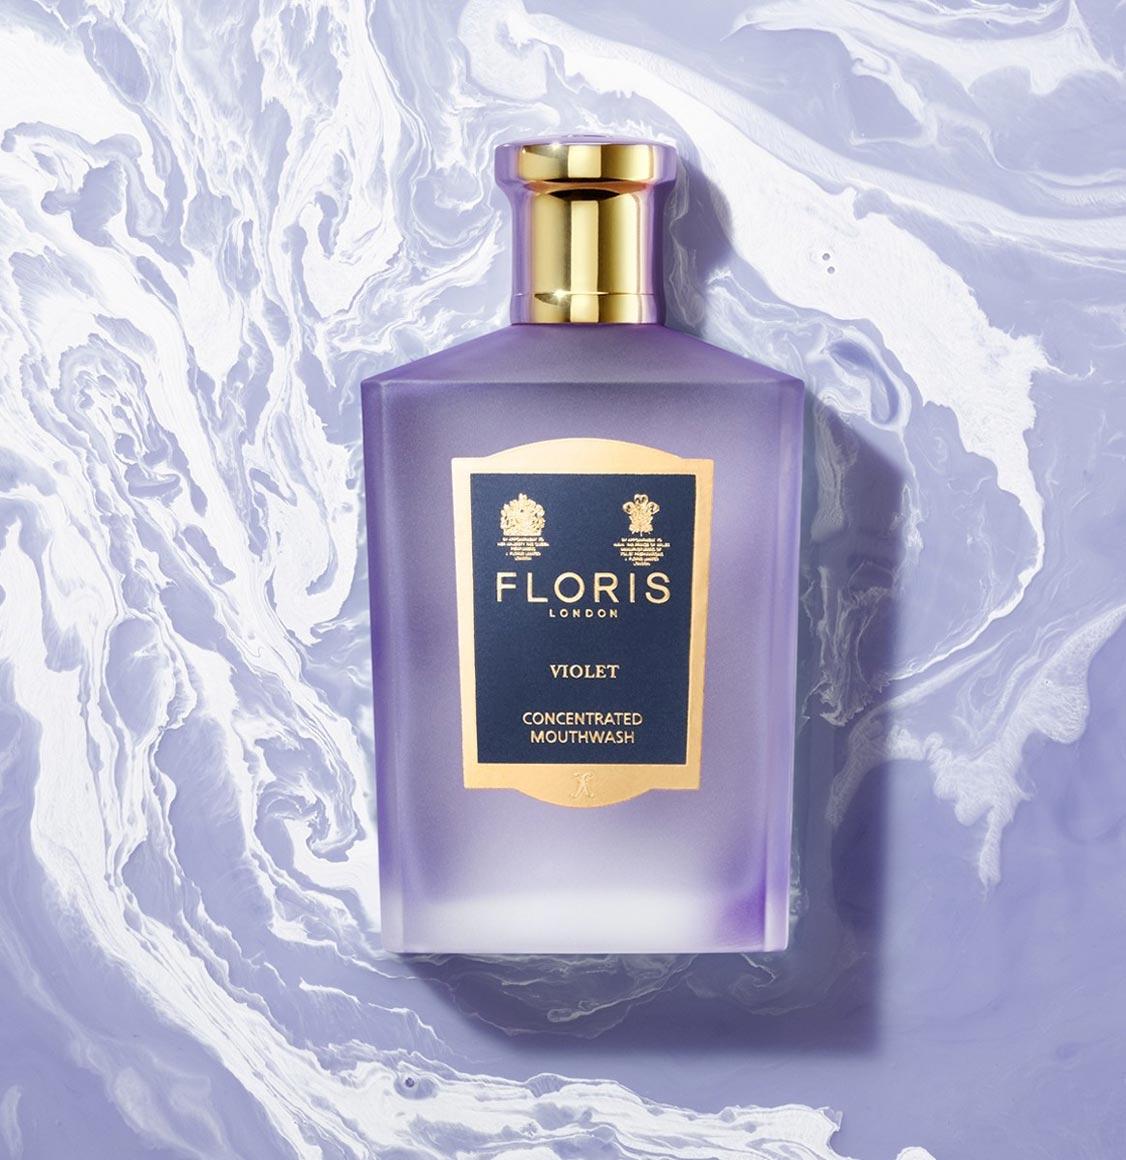 Floris London Violet Concentrated Mouthwash 100ml